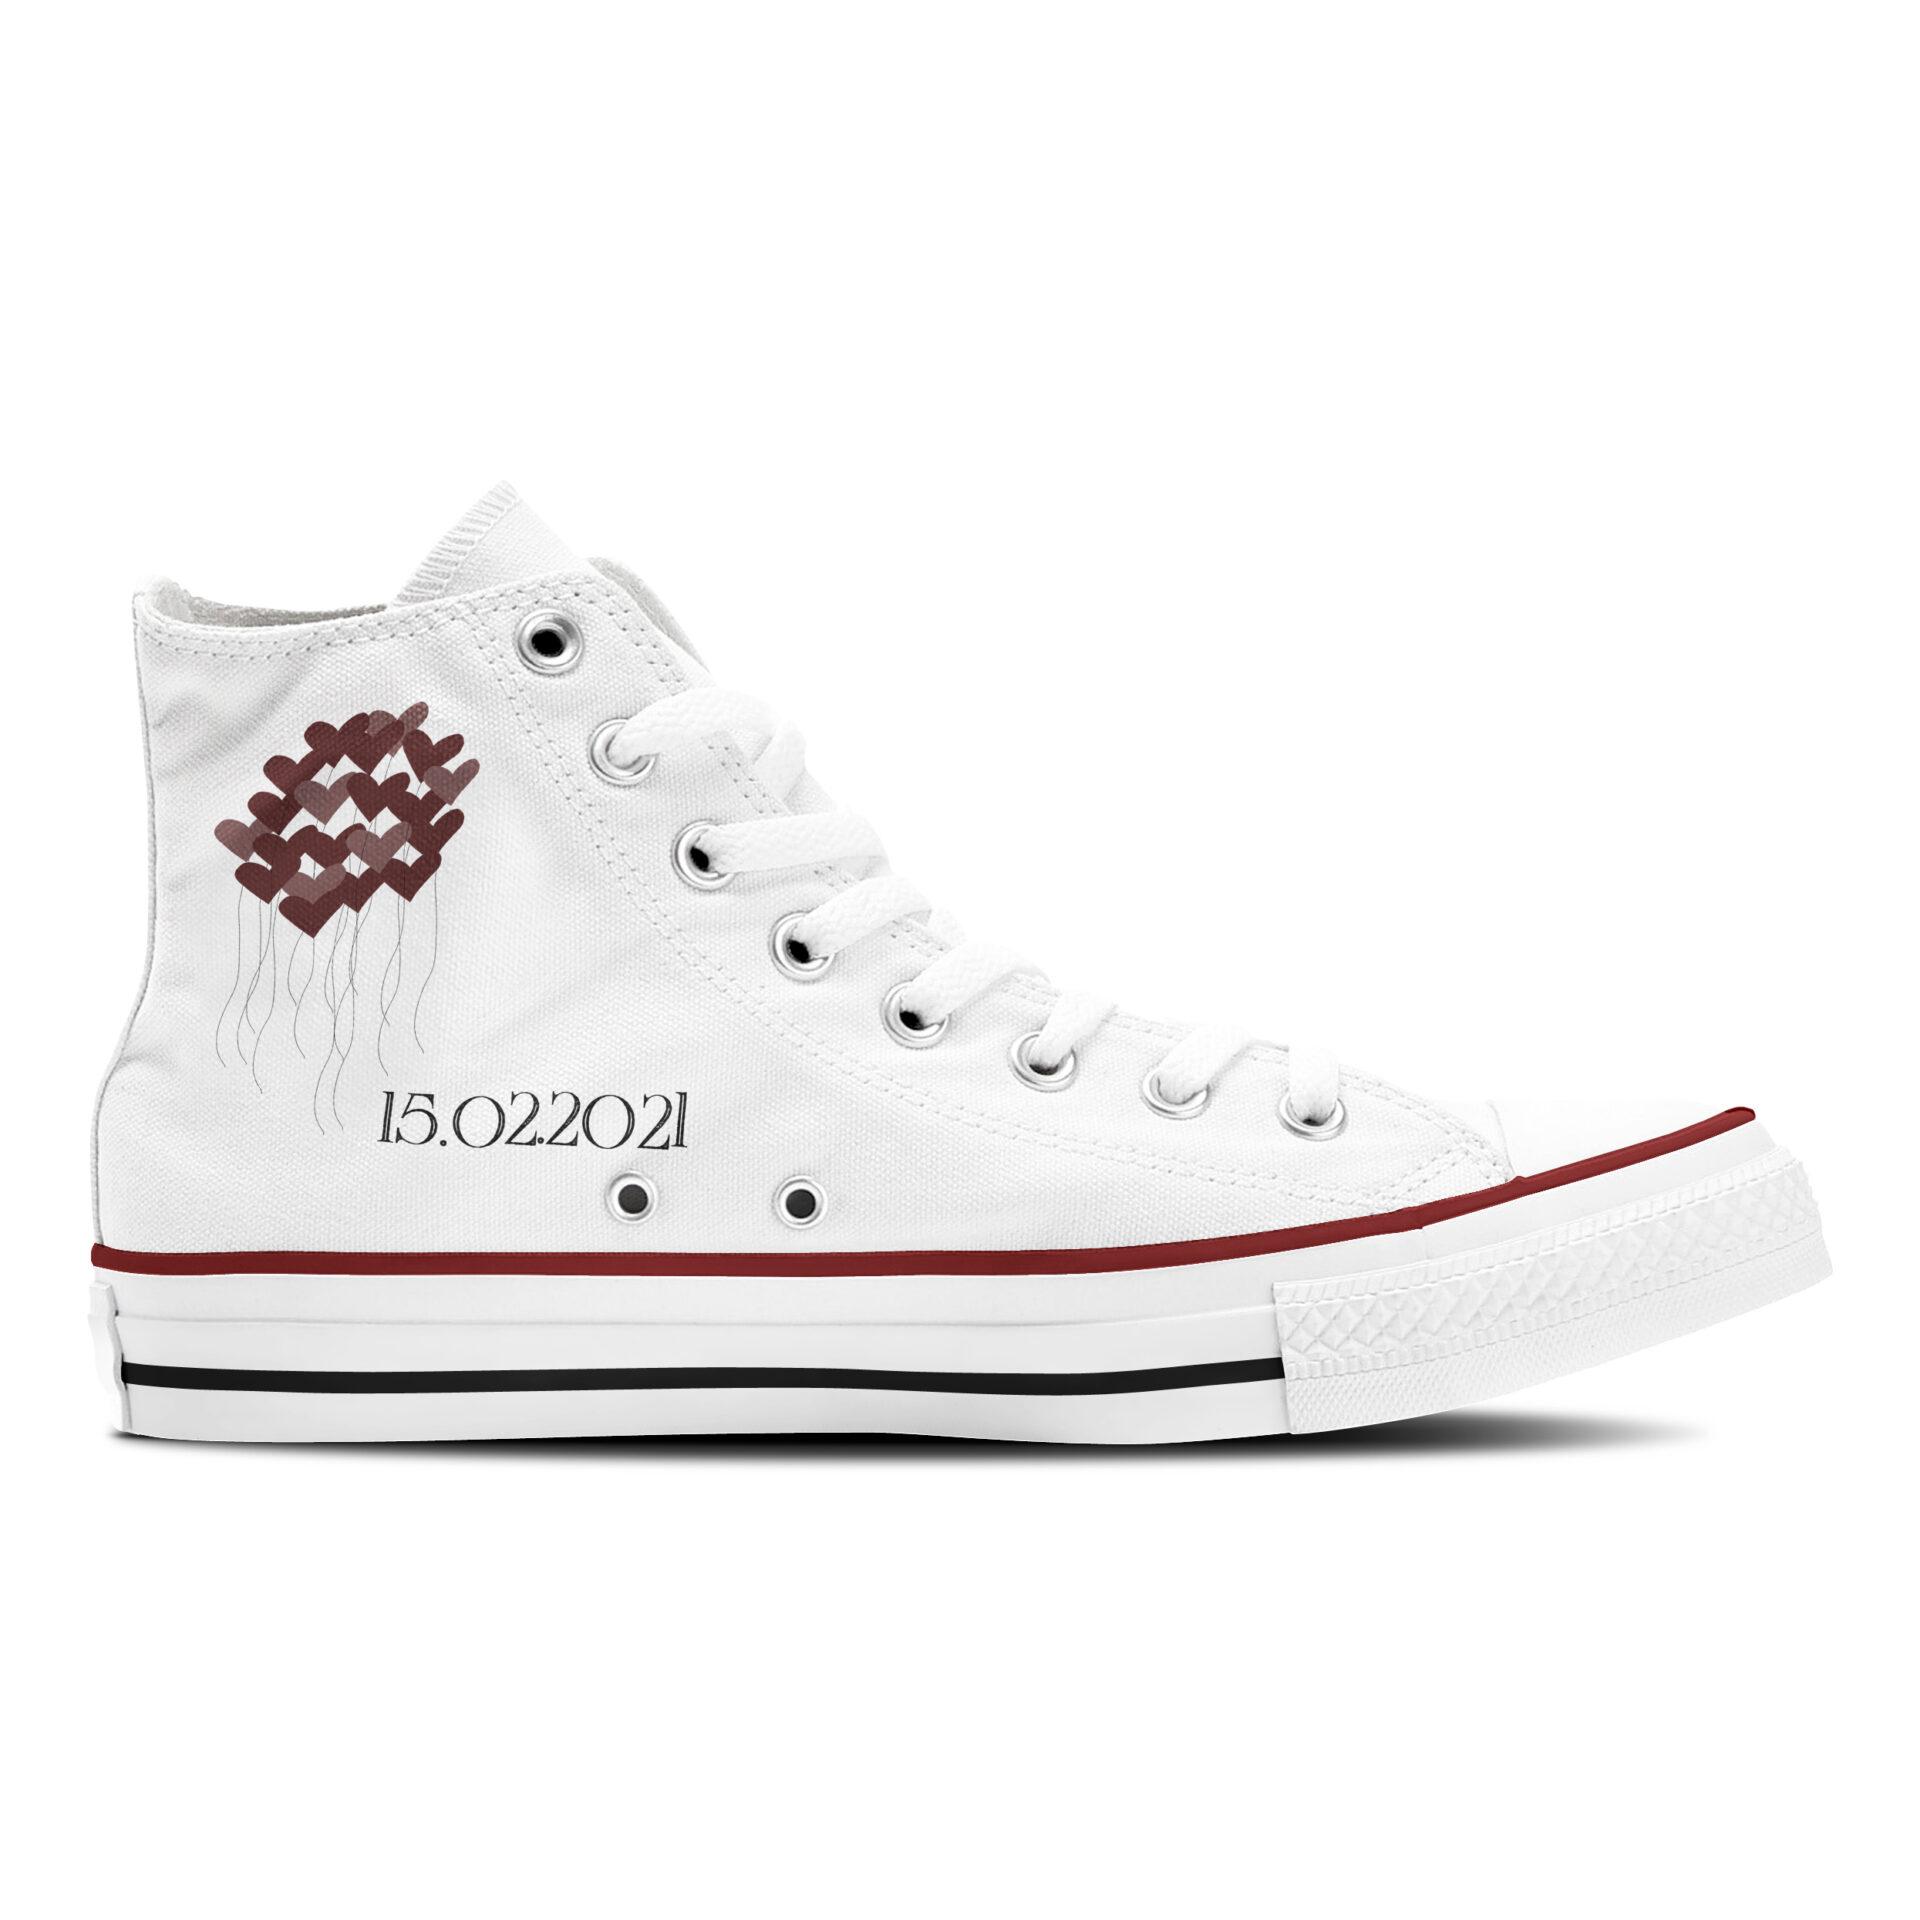 Marry Me Hochzeit Sneaker weiße Canvasschuhe Converse oder Classic mit schwarzer Hochzeitsgrafik Innenansicht